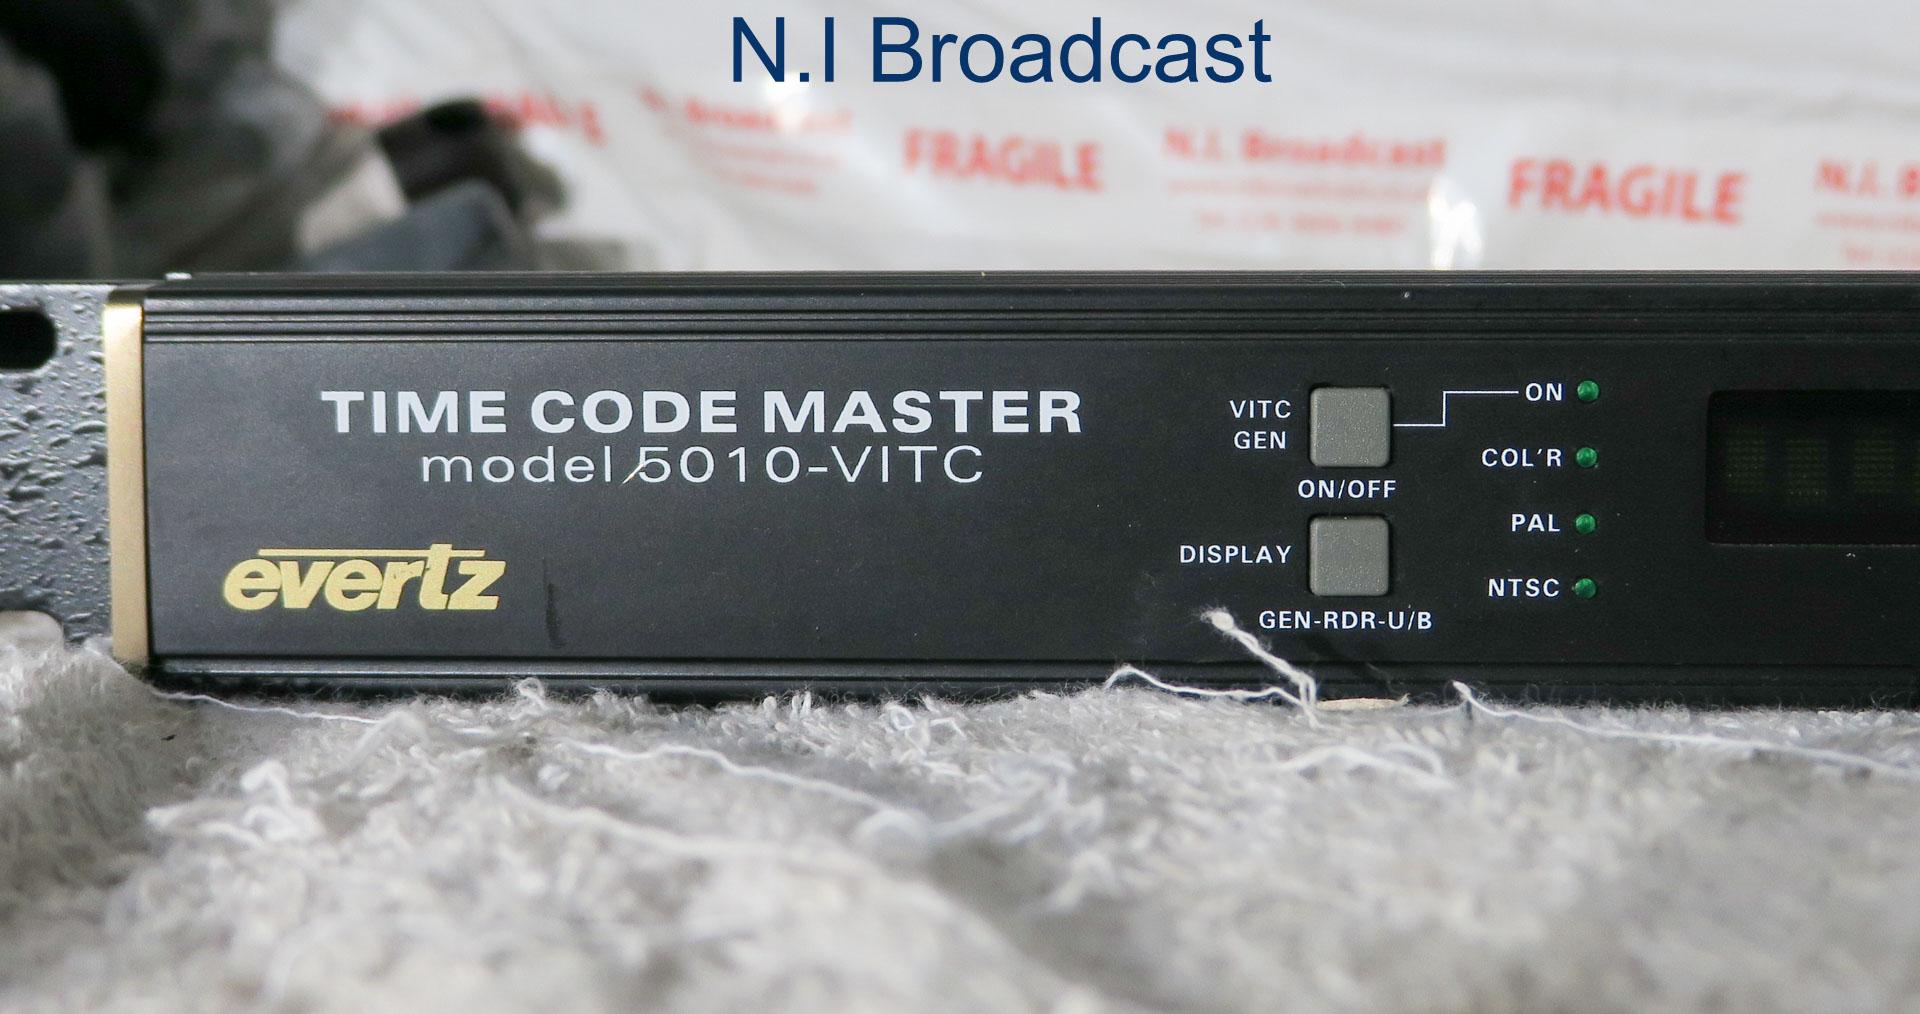 Evertz master timecode 5010-vitc generator unit